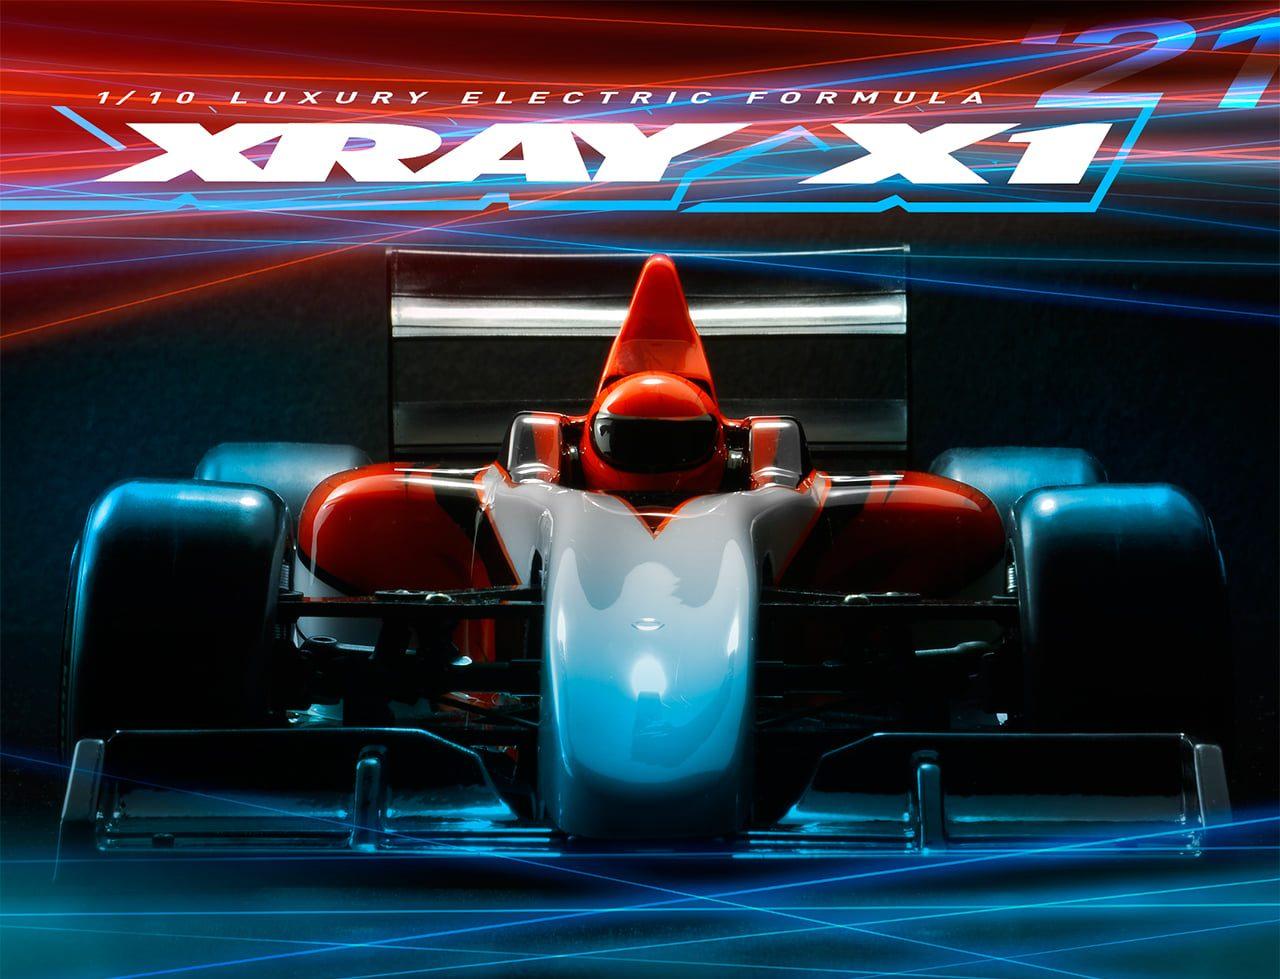 XRAY X1 '21 luxury formula car announced